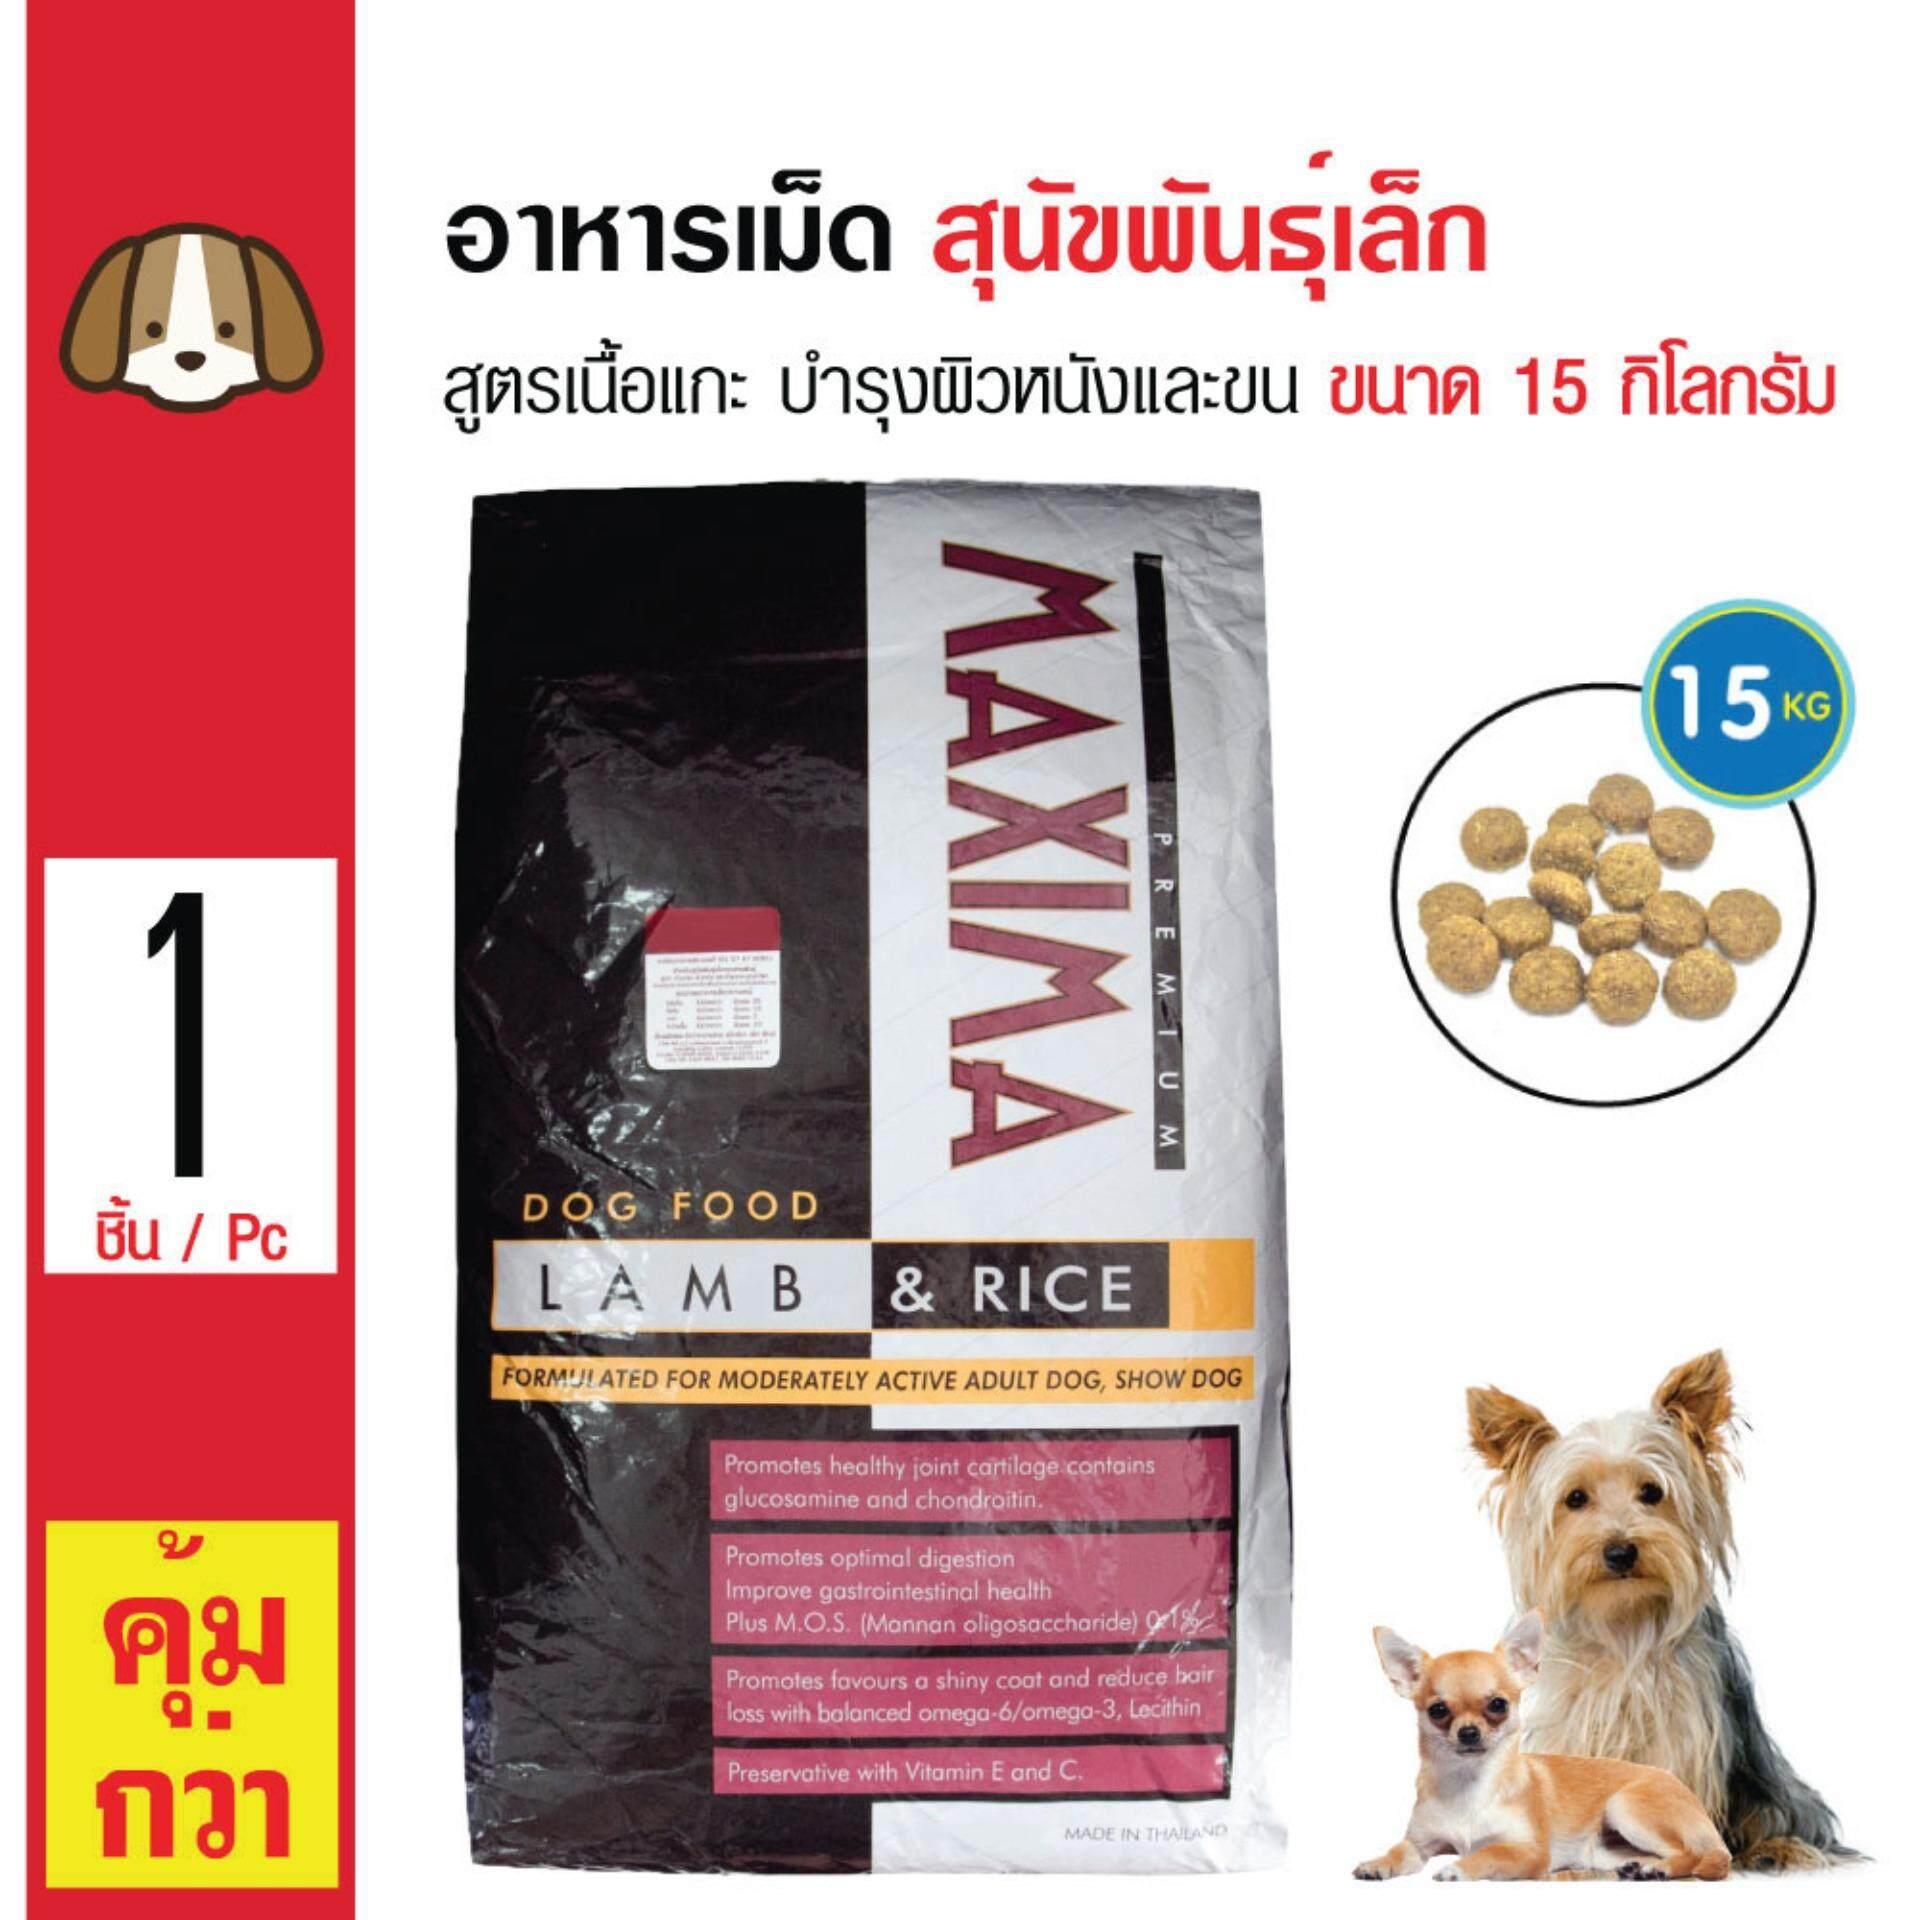 Maxima Small Dog 15 Kg. อาหารเม็ด อาหารสุนัข สูตรเนื้อแกะ บำรุงผิวหนังและขน (เม็ดเล็ก) สำหรับสุนัขพันธุ์เล็ก ขนาด 15 กิโลกรัม